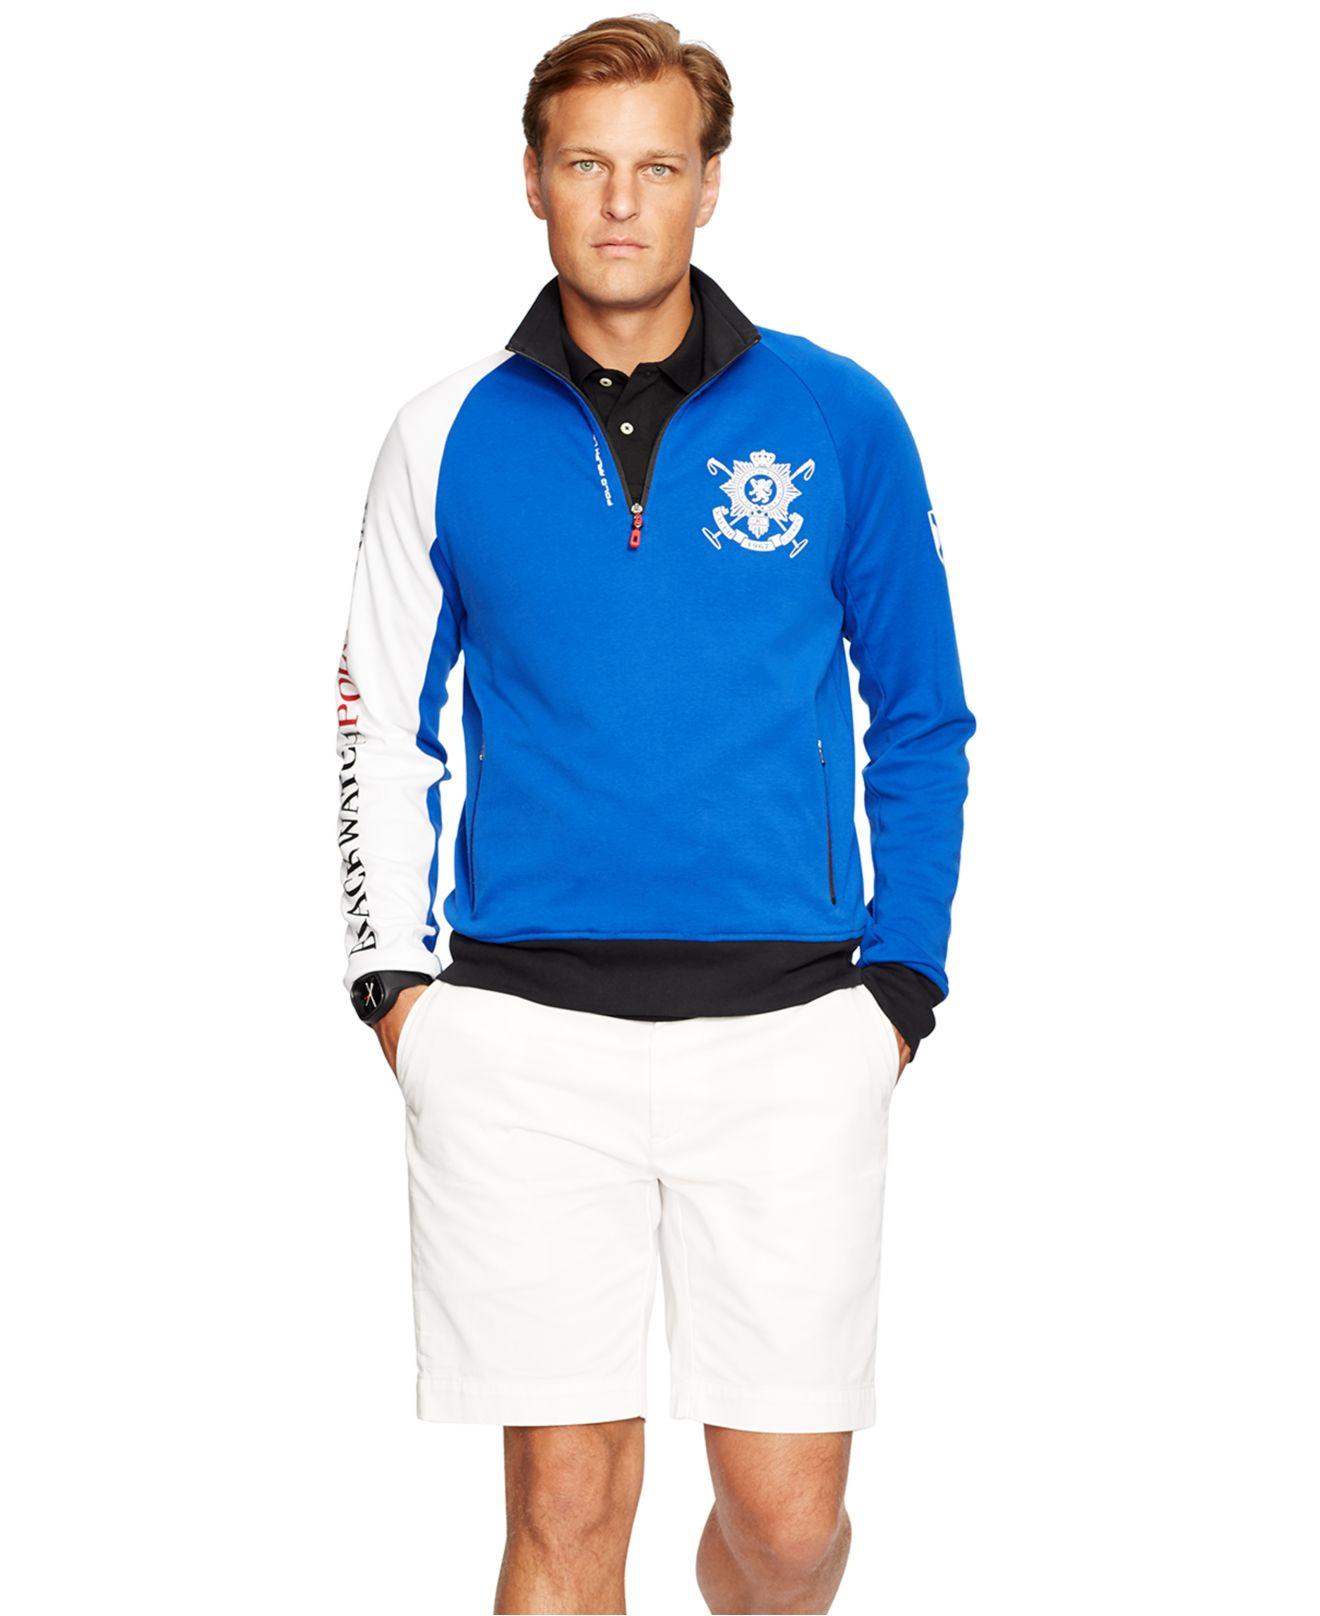 ... Ralph Lauren Men Mesh Cotton Half-zip Sweaters Black White